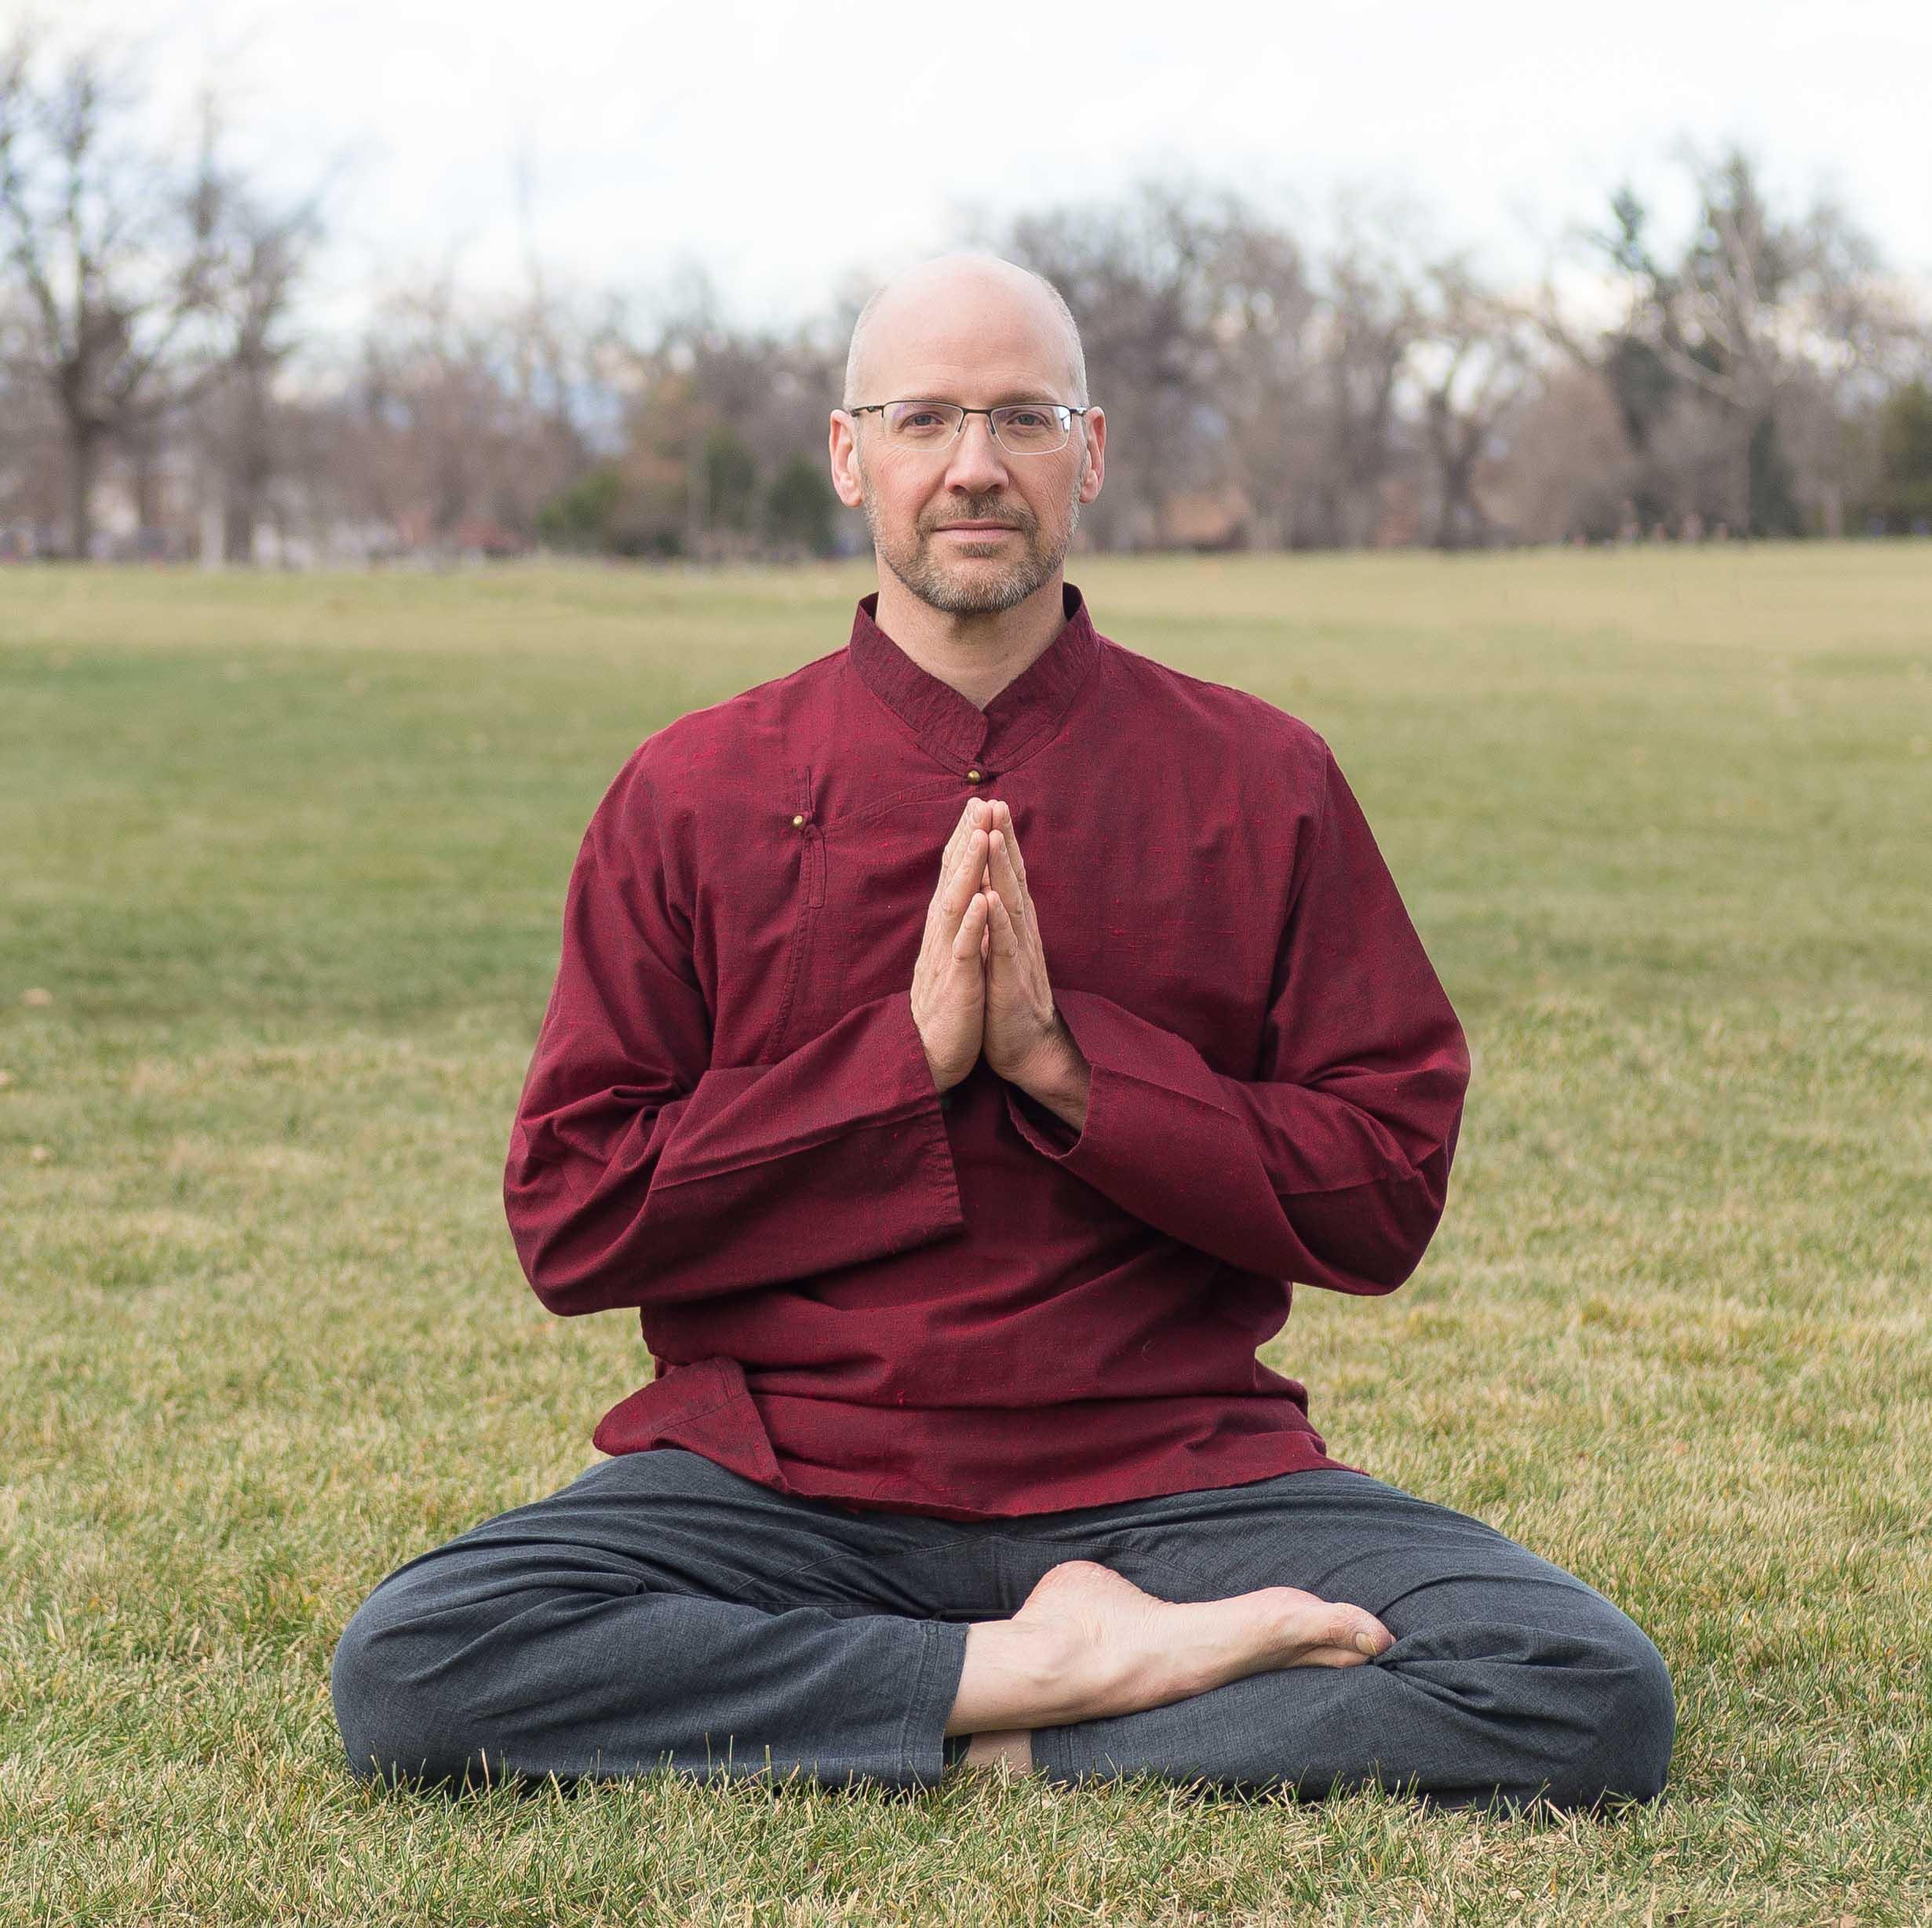 Bodhichitta-Meditation-Eyes-Open.jpg